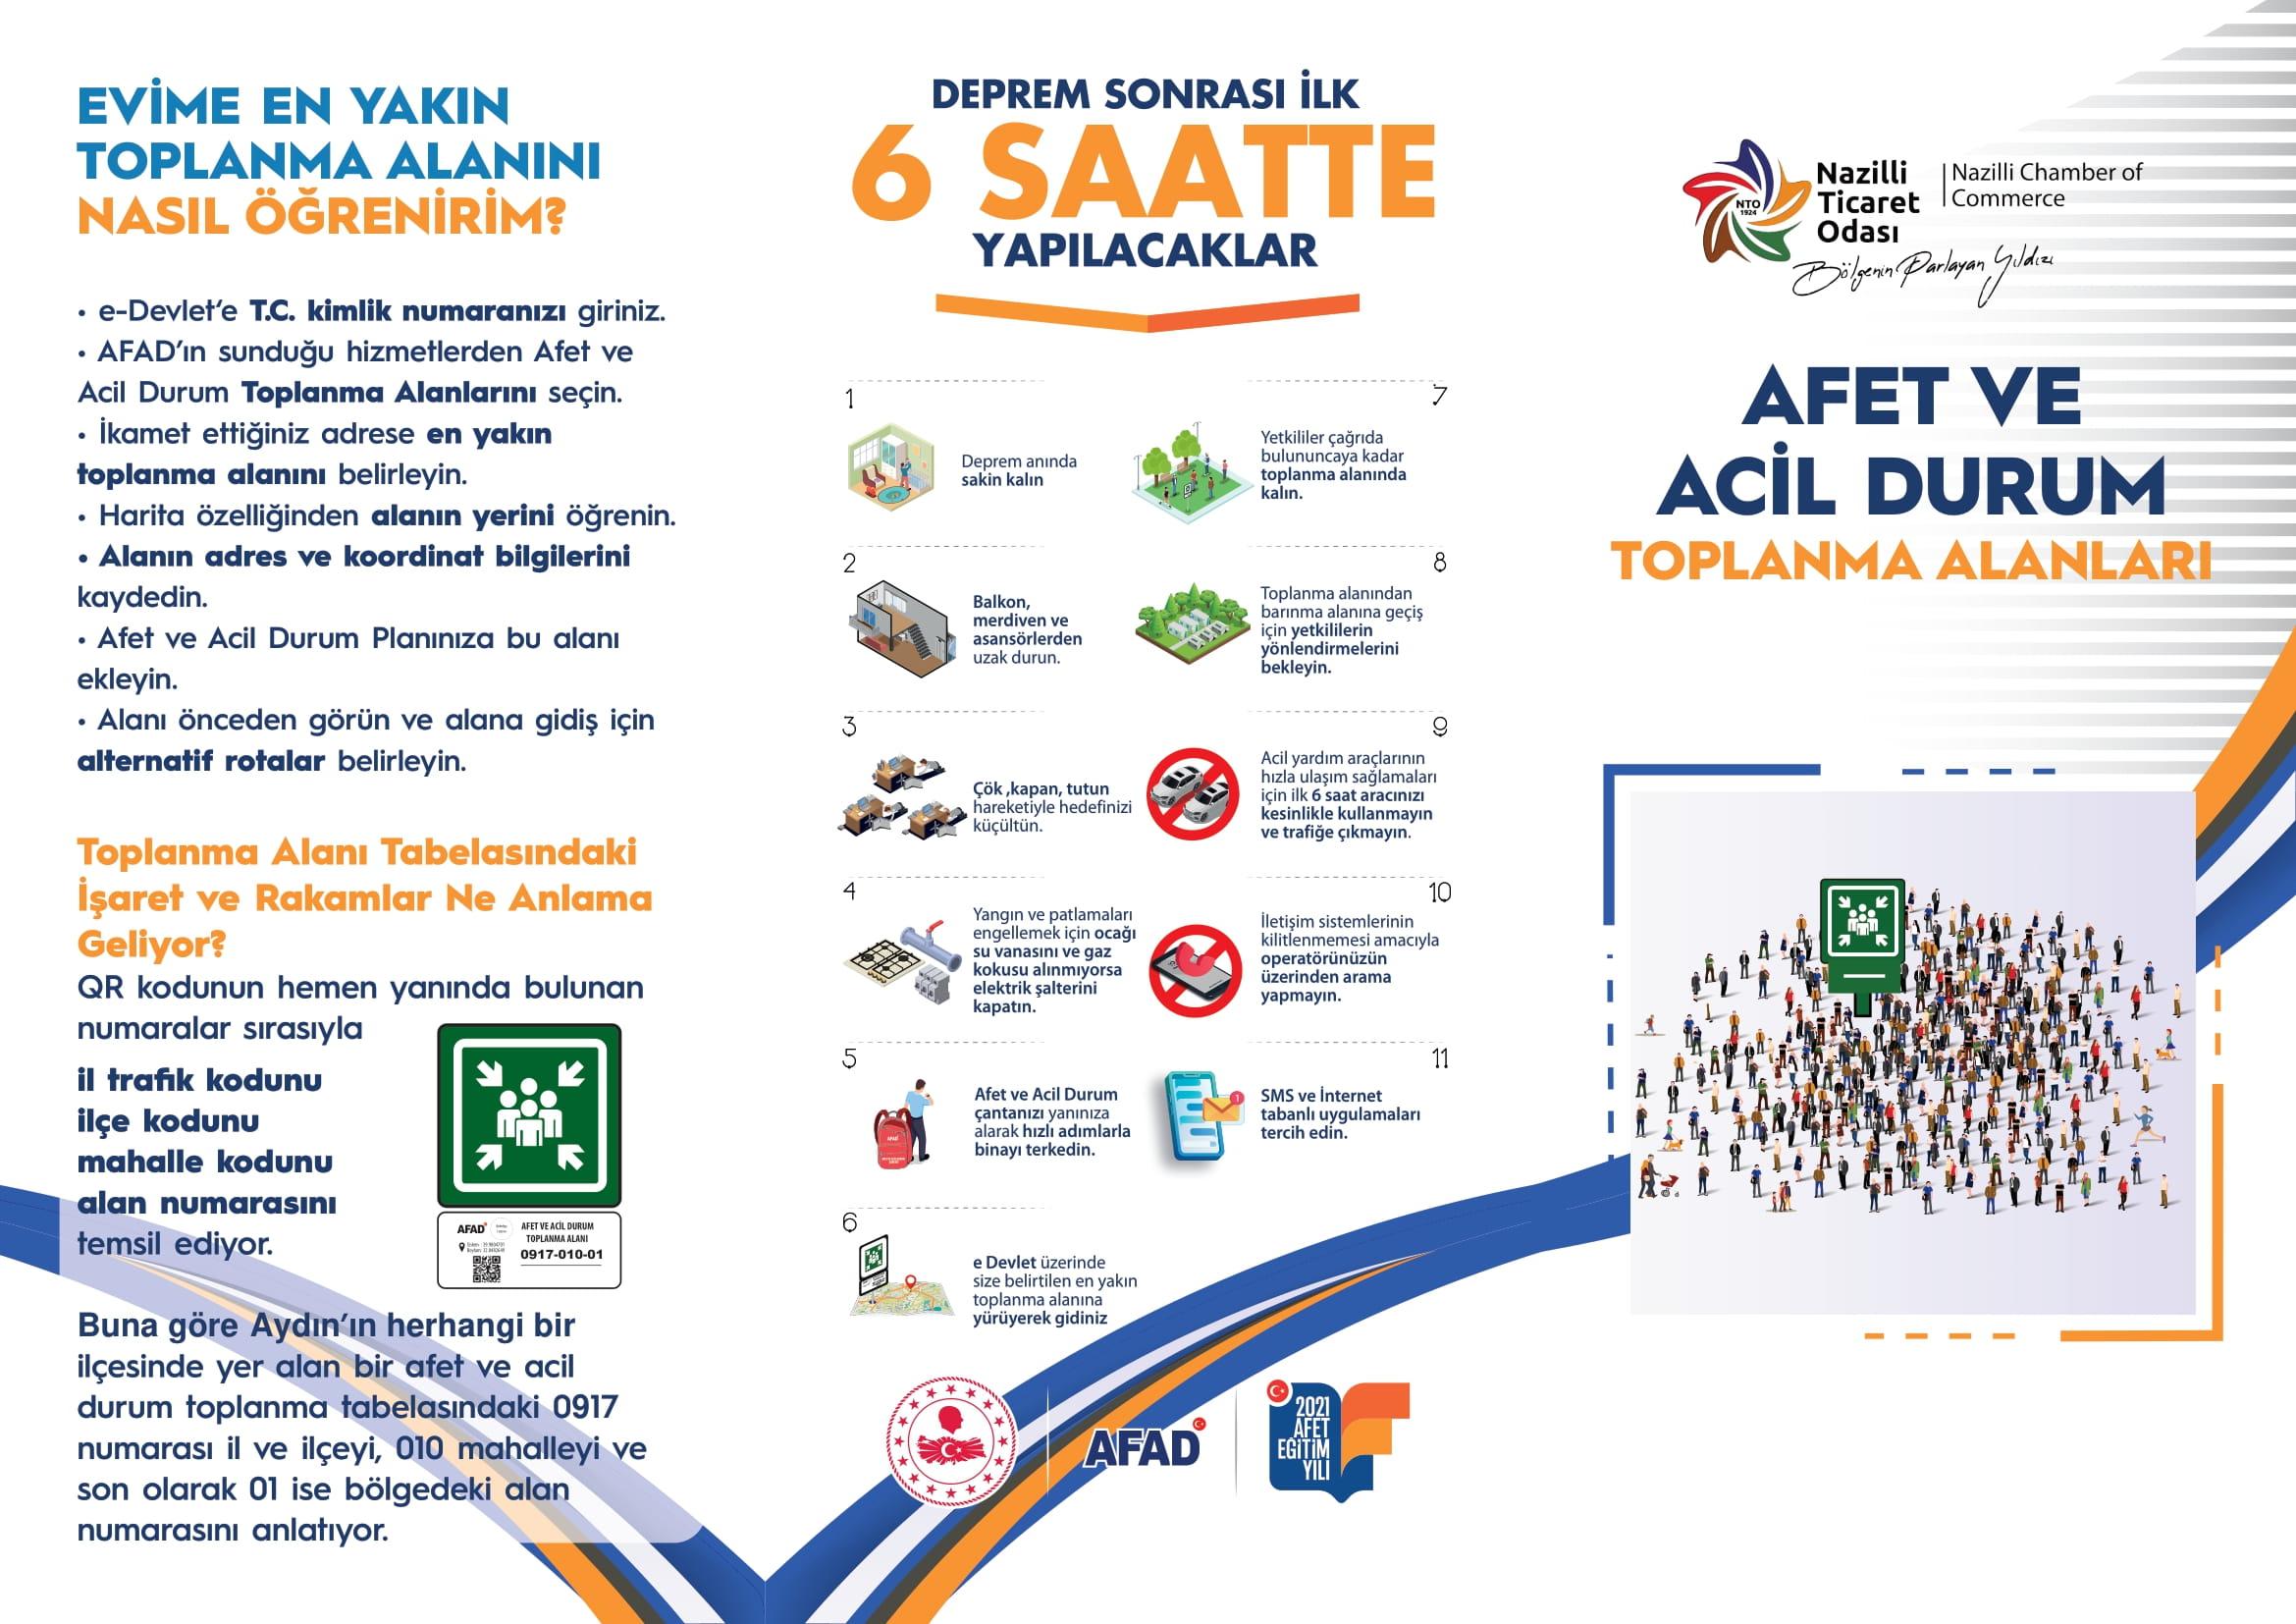 AFAD – afet ve acil durum toplanma alanları-1